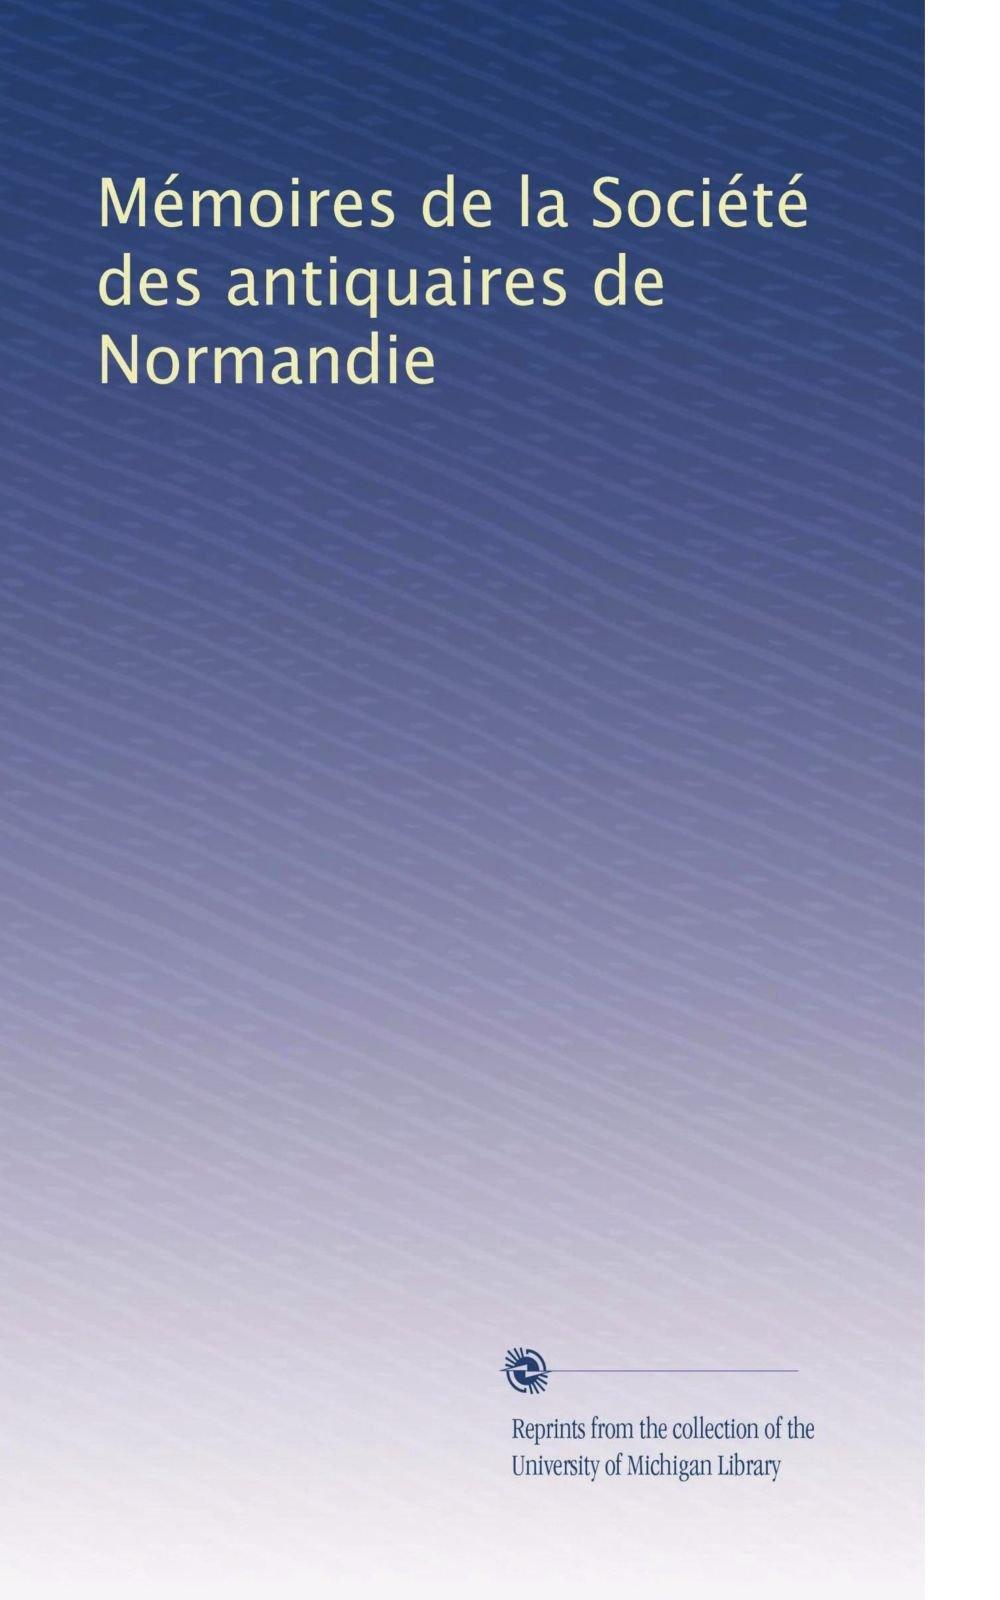 Mémoires de la Société des antiquaires de Normandie (Volume 28) (French Edition) pdf